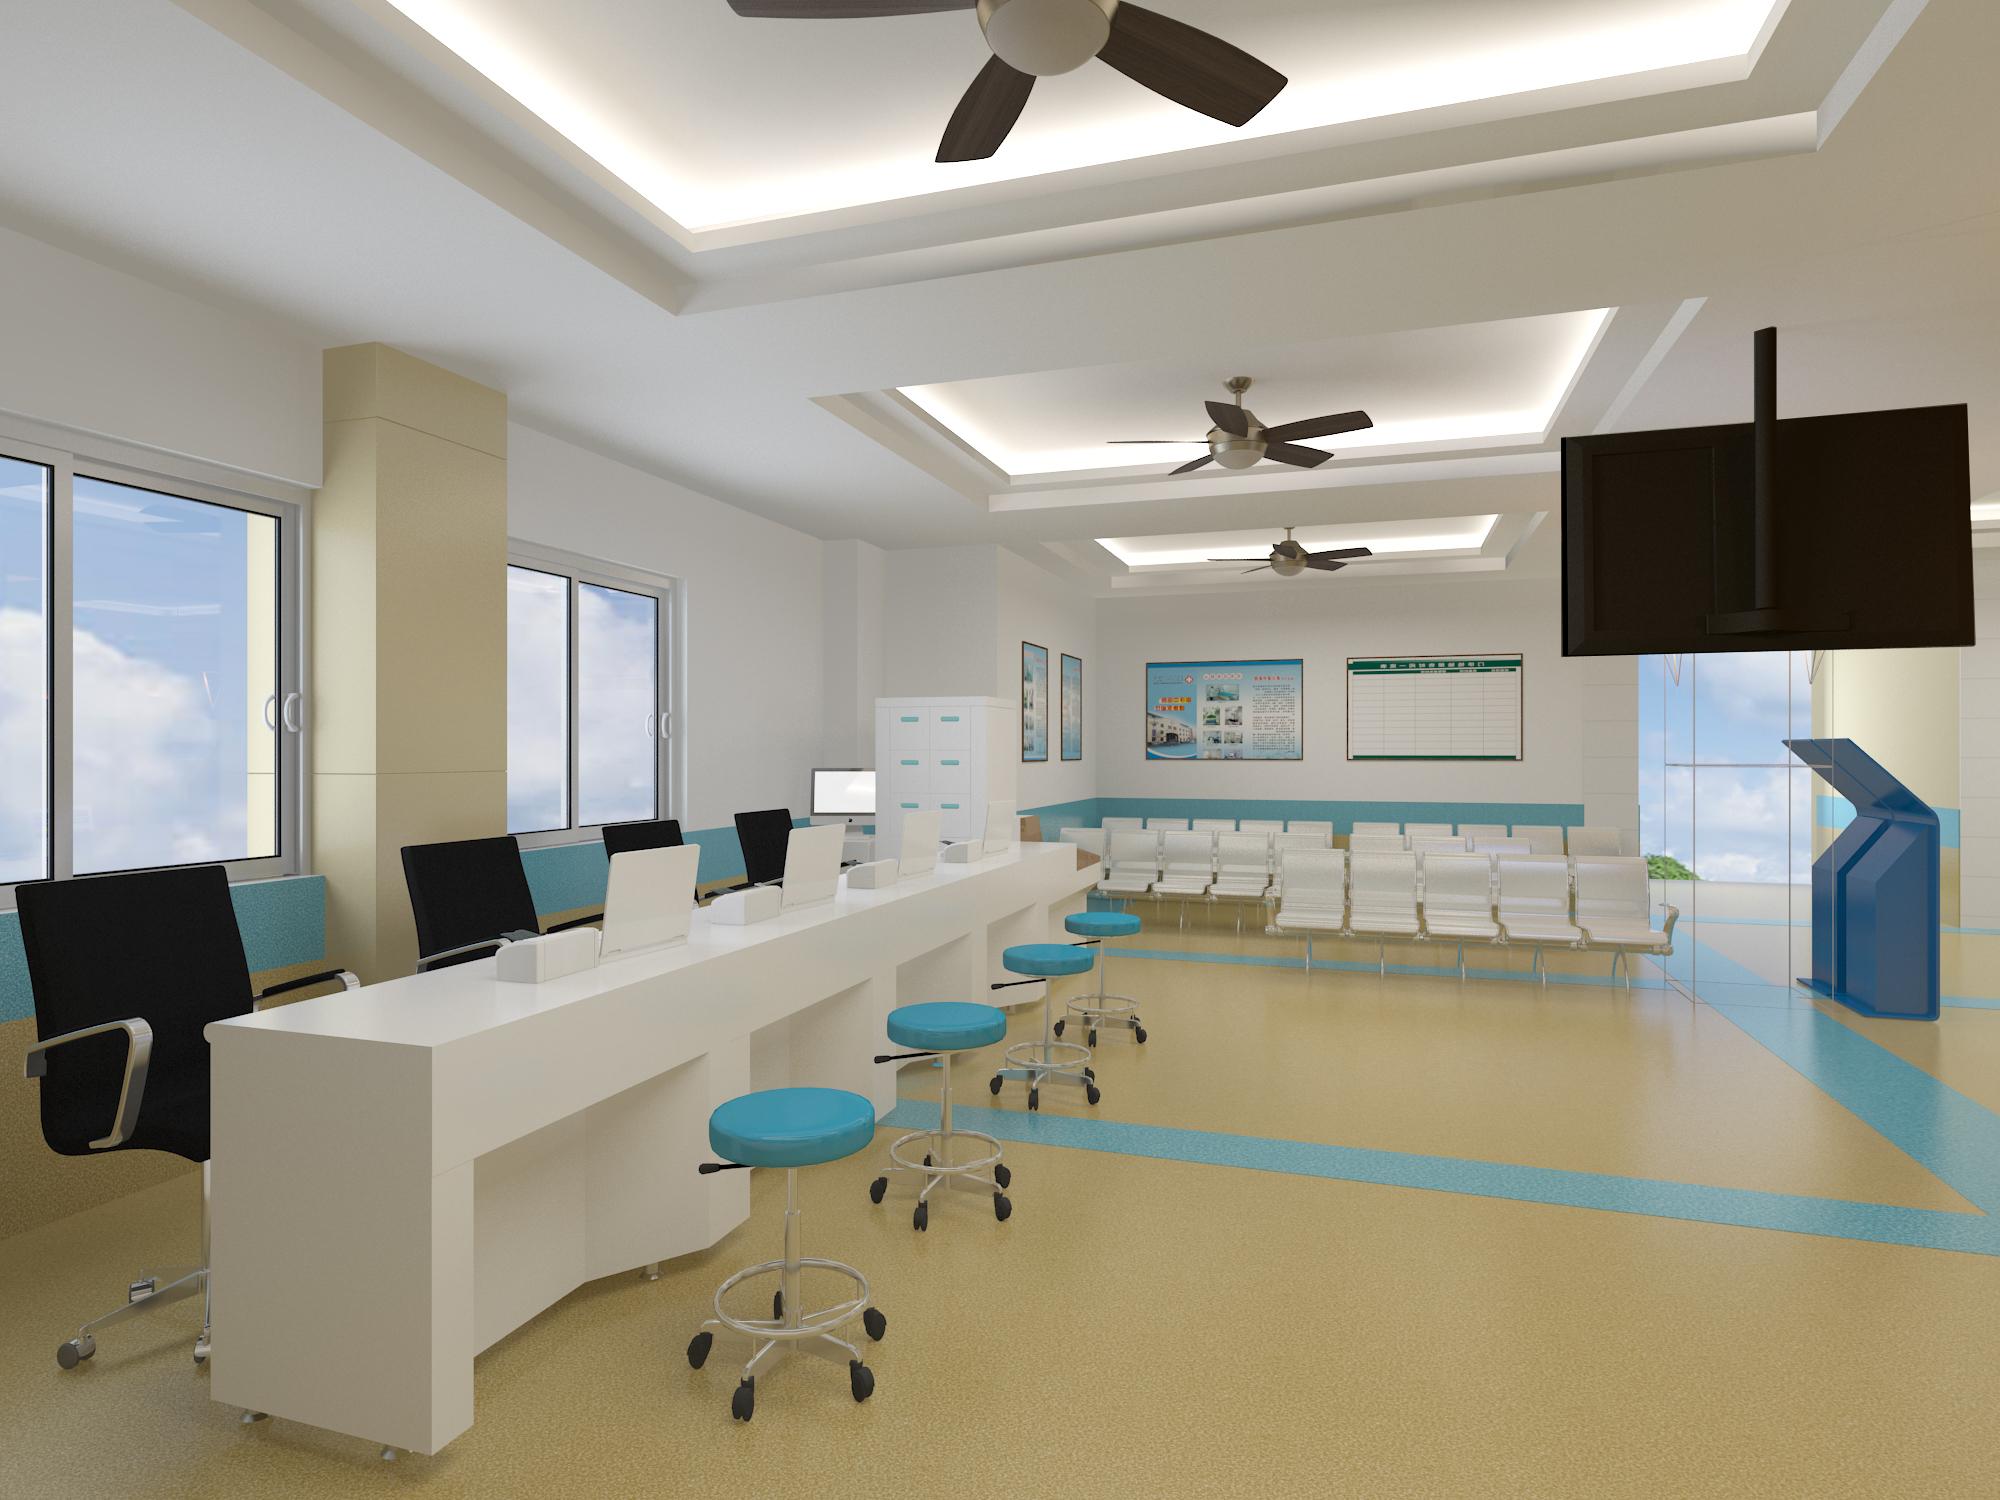 广州市花都区人民医院医学检验实验室